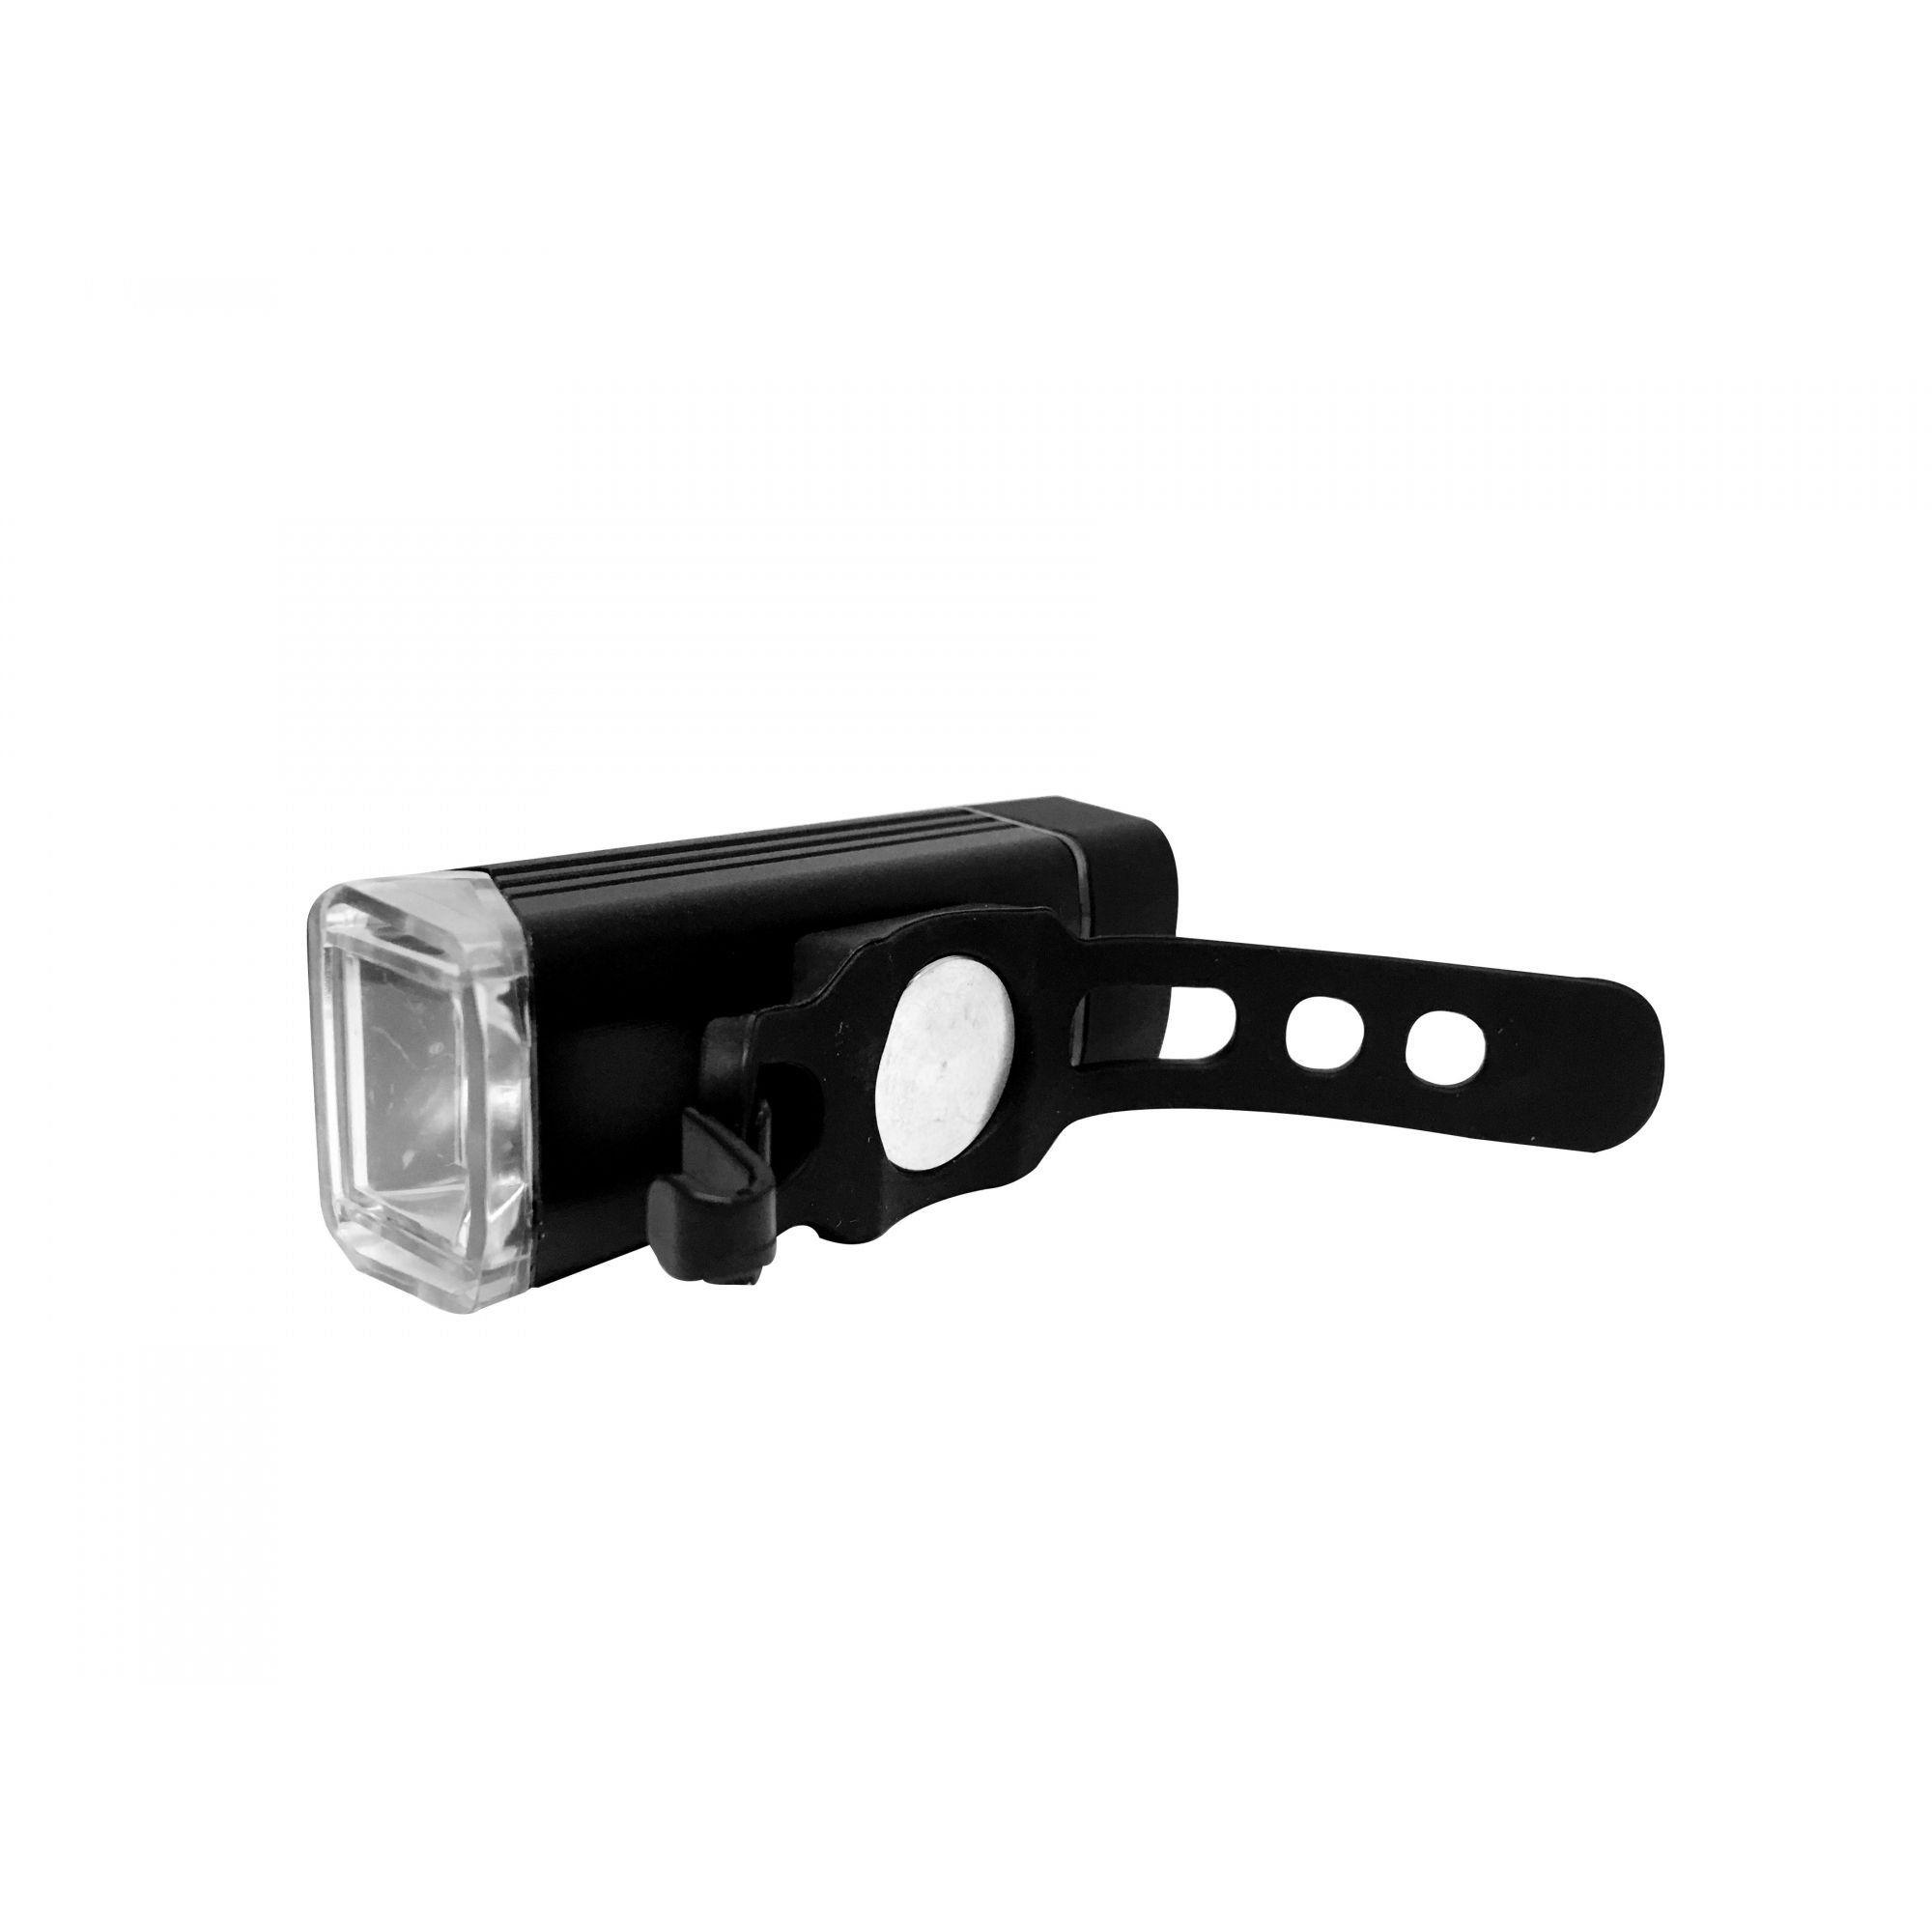 Lanterna Super Led Recarregável USB 180 Lúmen